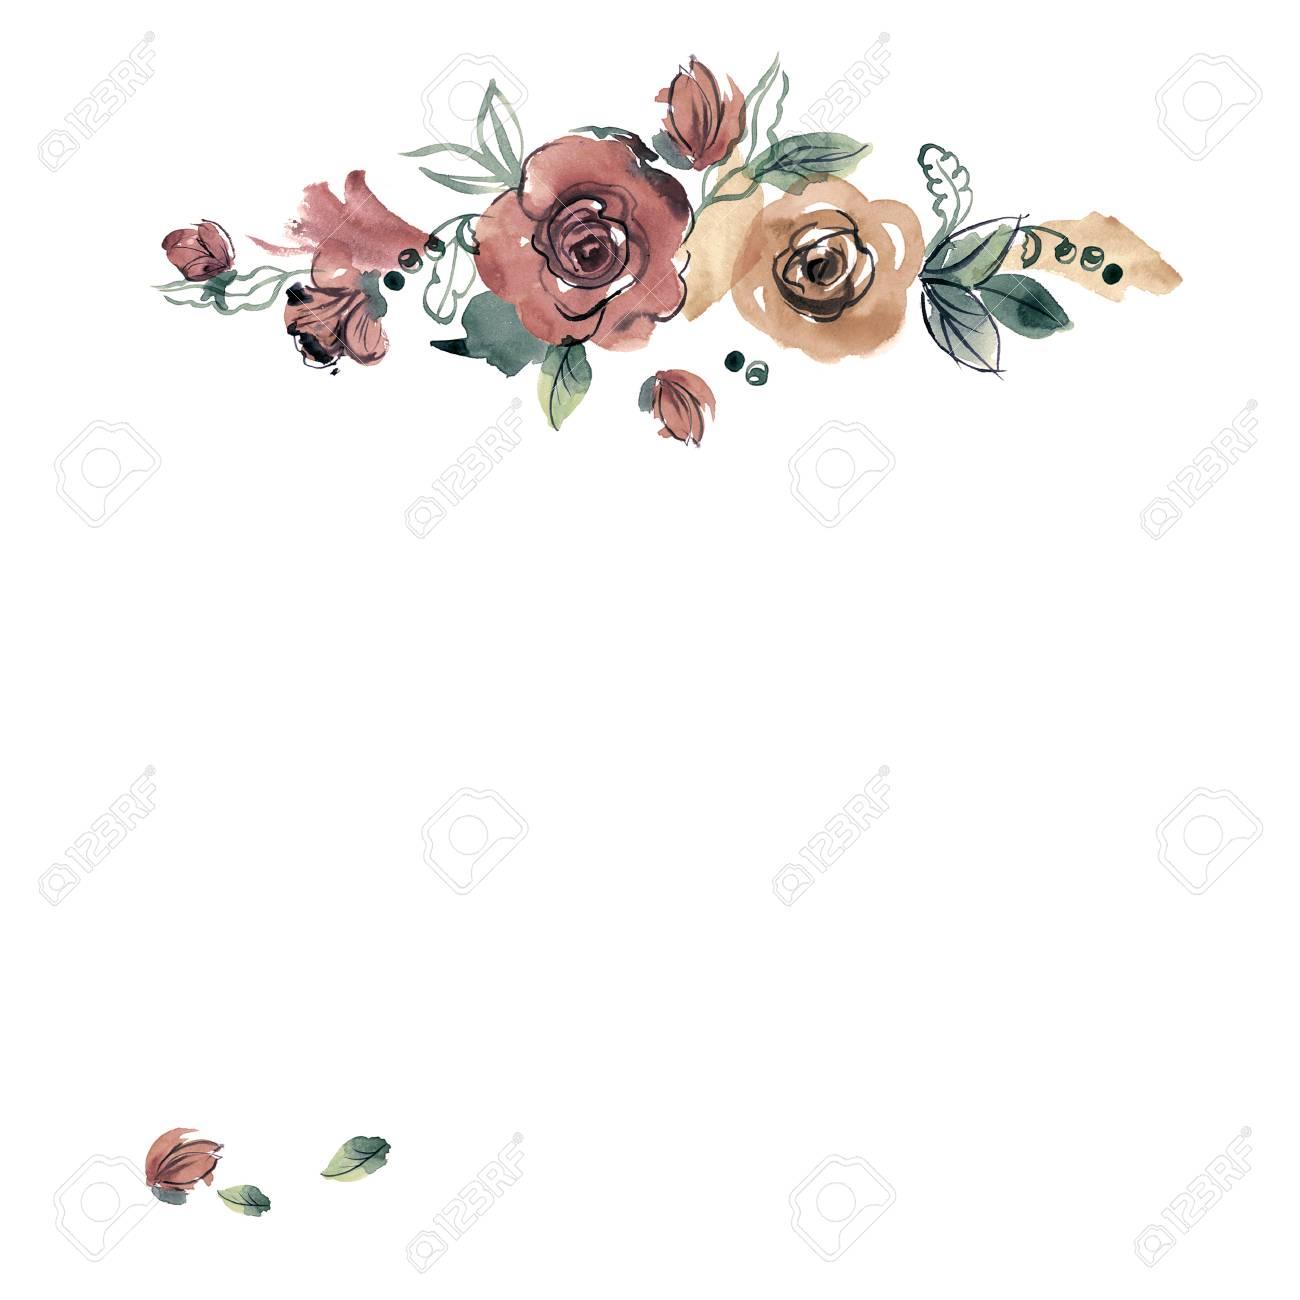 Marco Lindo De La Flor De Acuarela. Rosas. Invitación, Invitación De ...